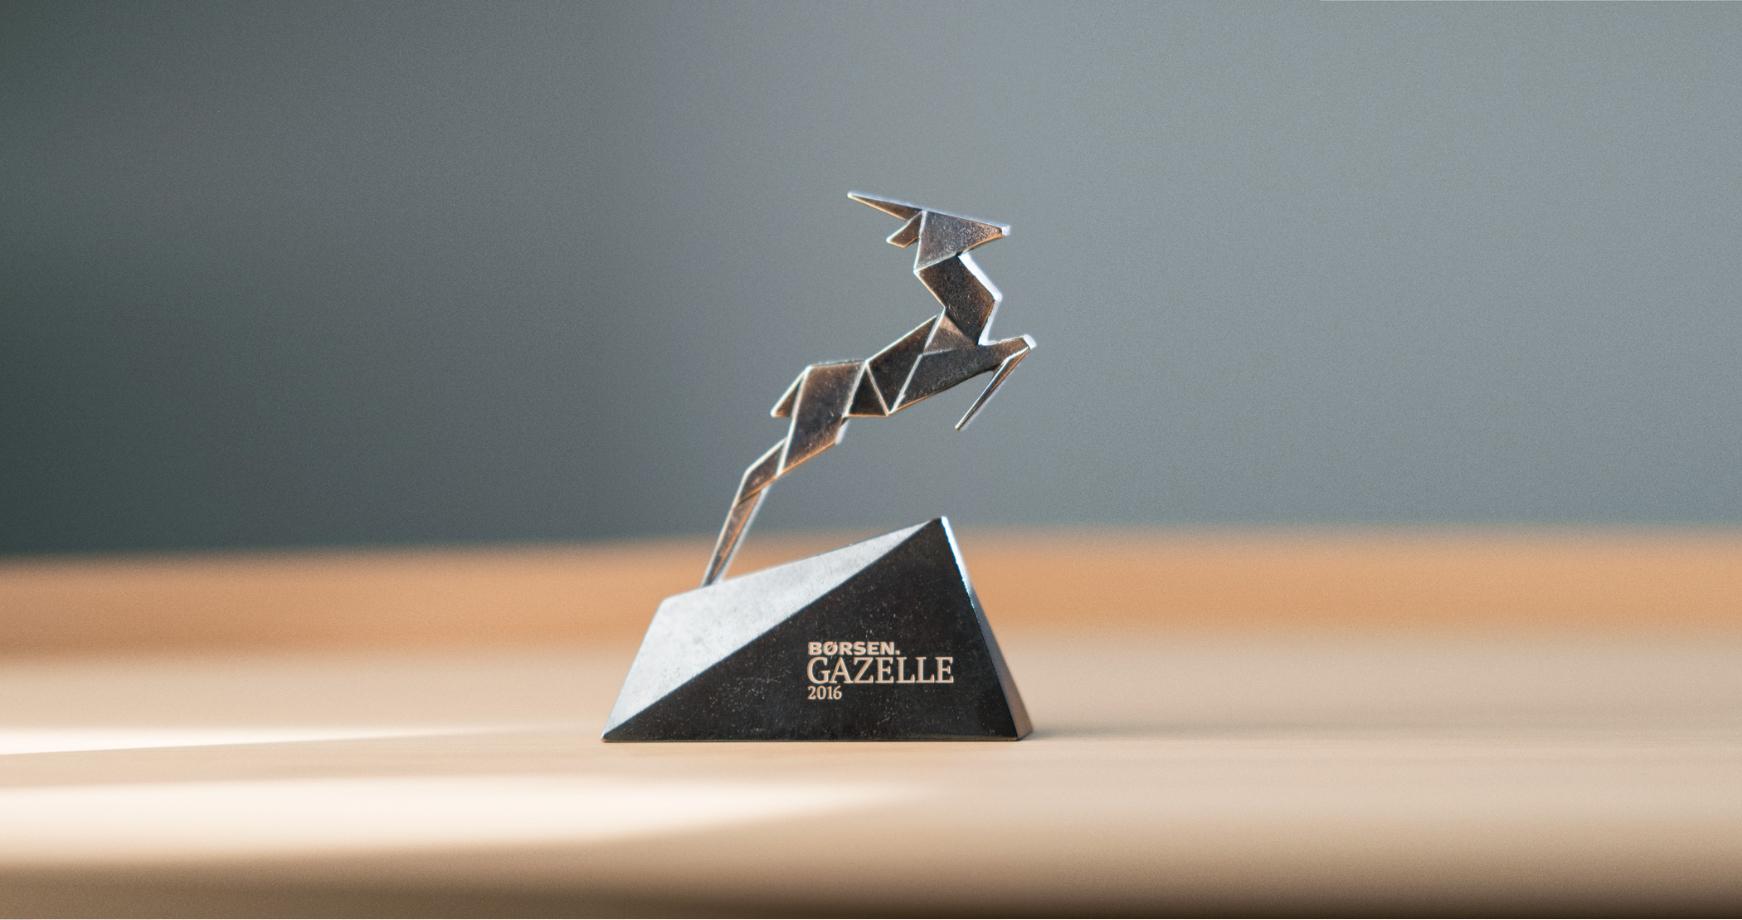 Hørning vinder Børsen Gazelle pris 2016